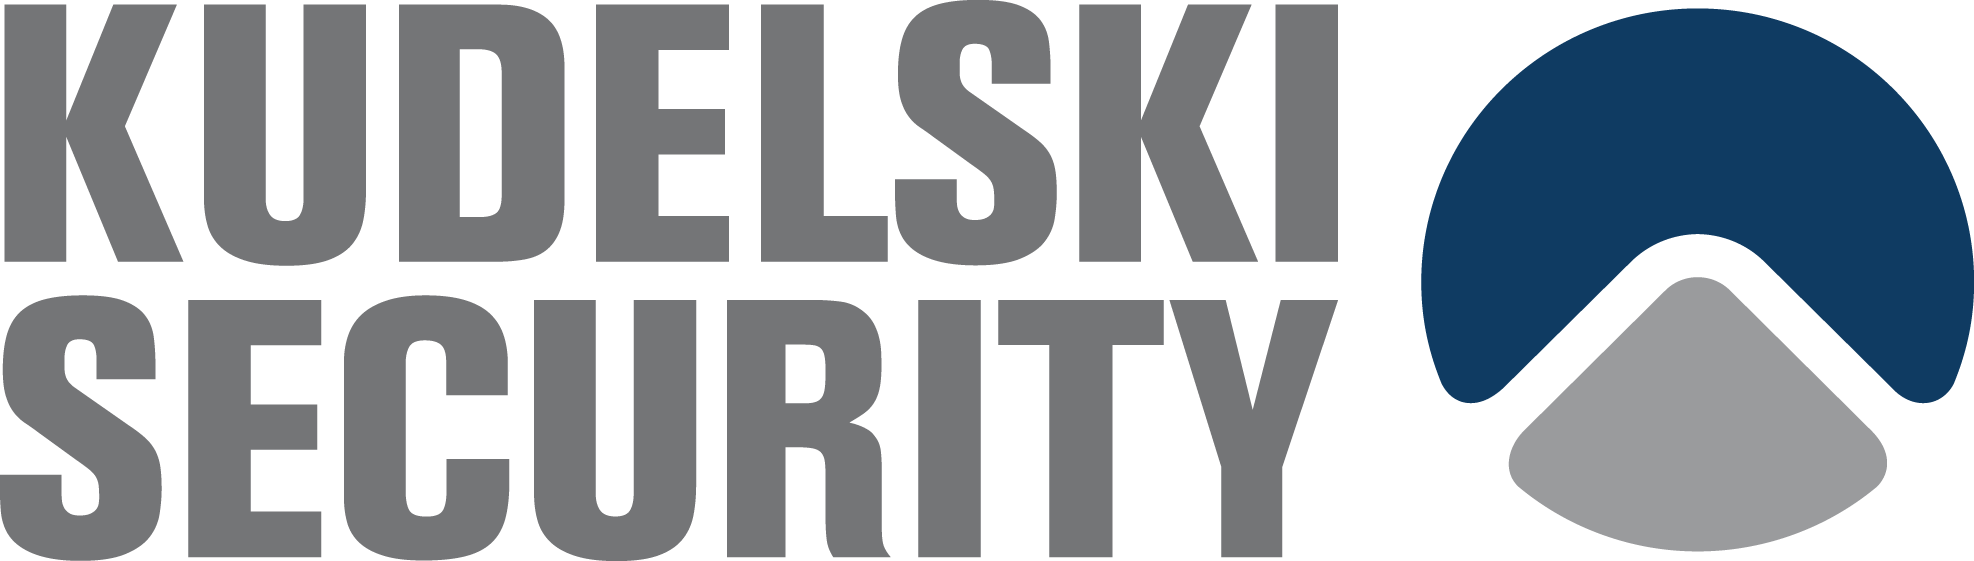 KudelskiSecurity_logo_transparent-300dpi